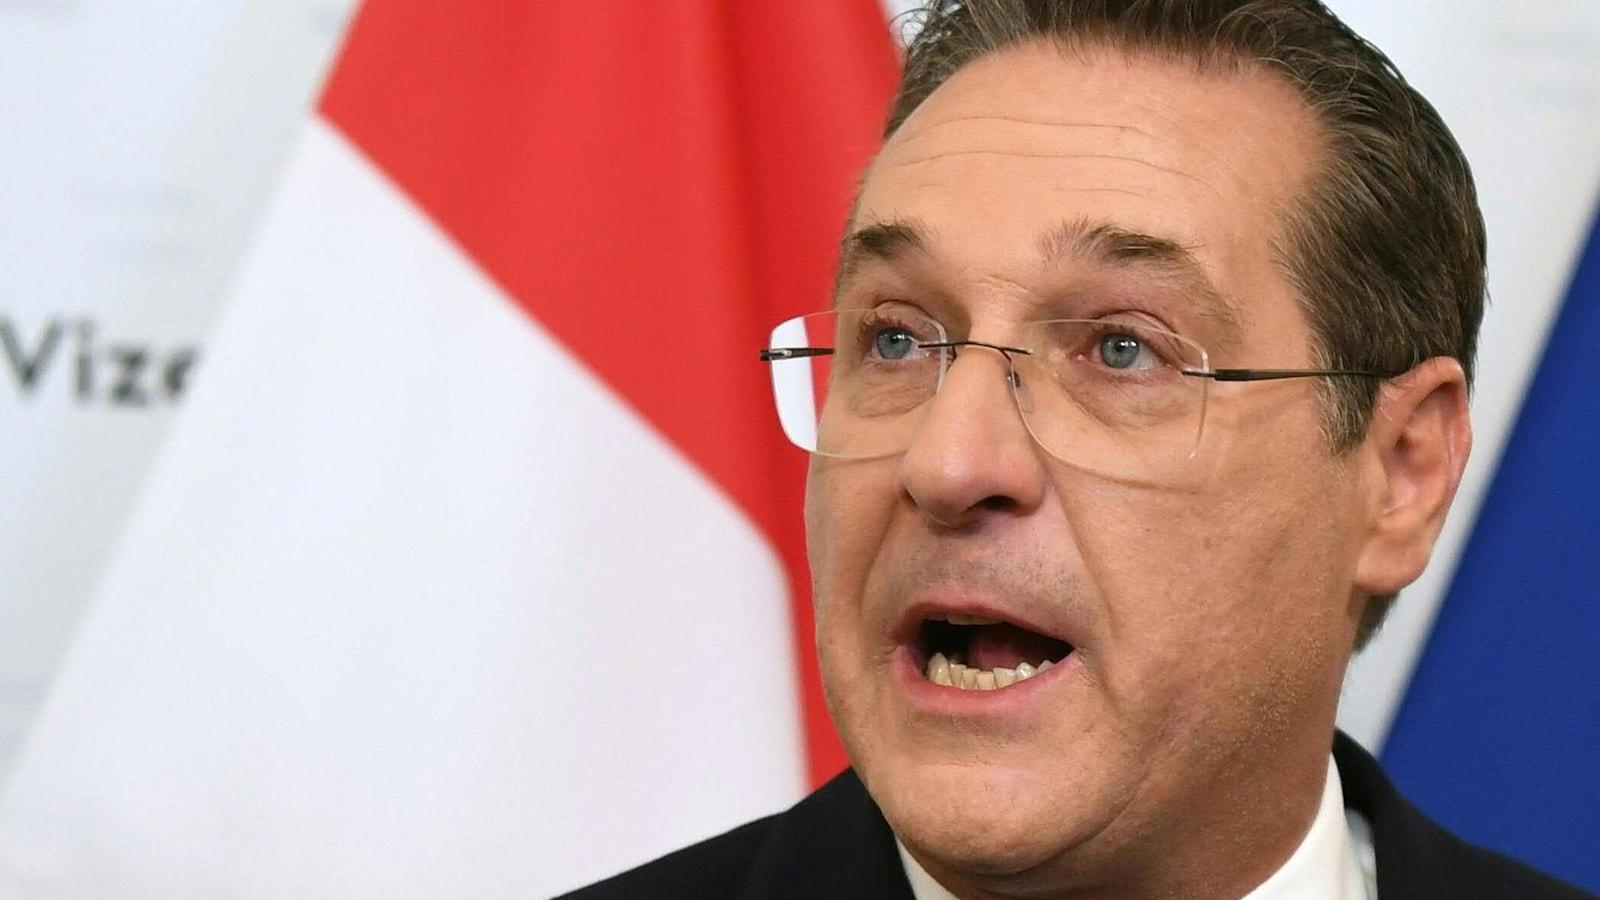 L'Ibizagate fait exploser la coalition droite-extrême droite — Autriche